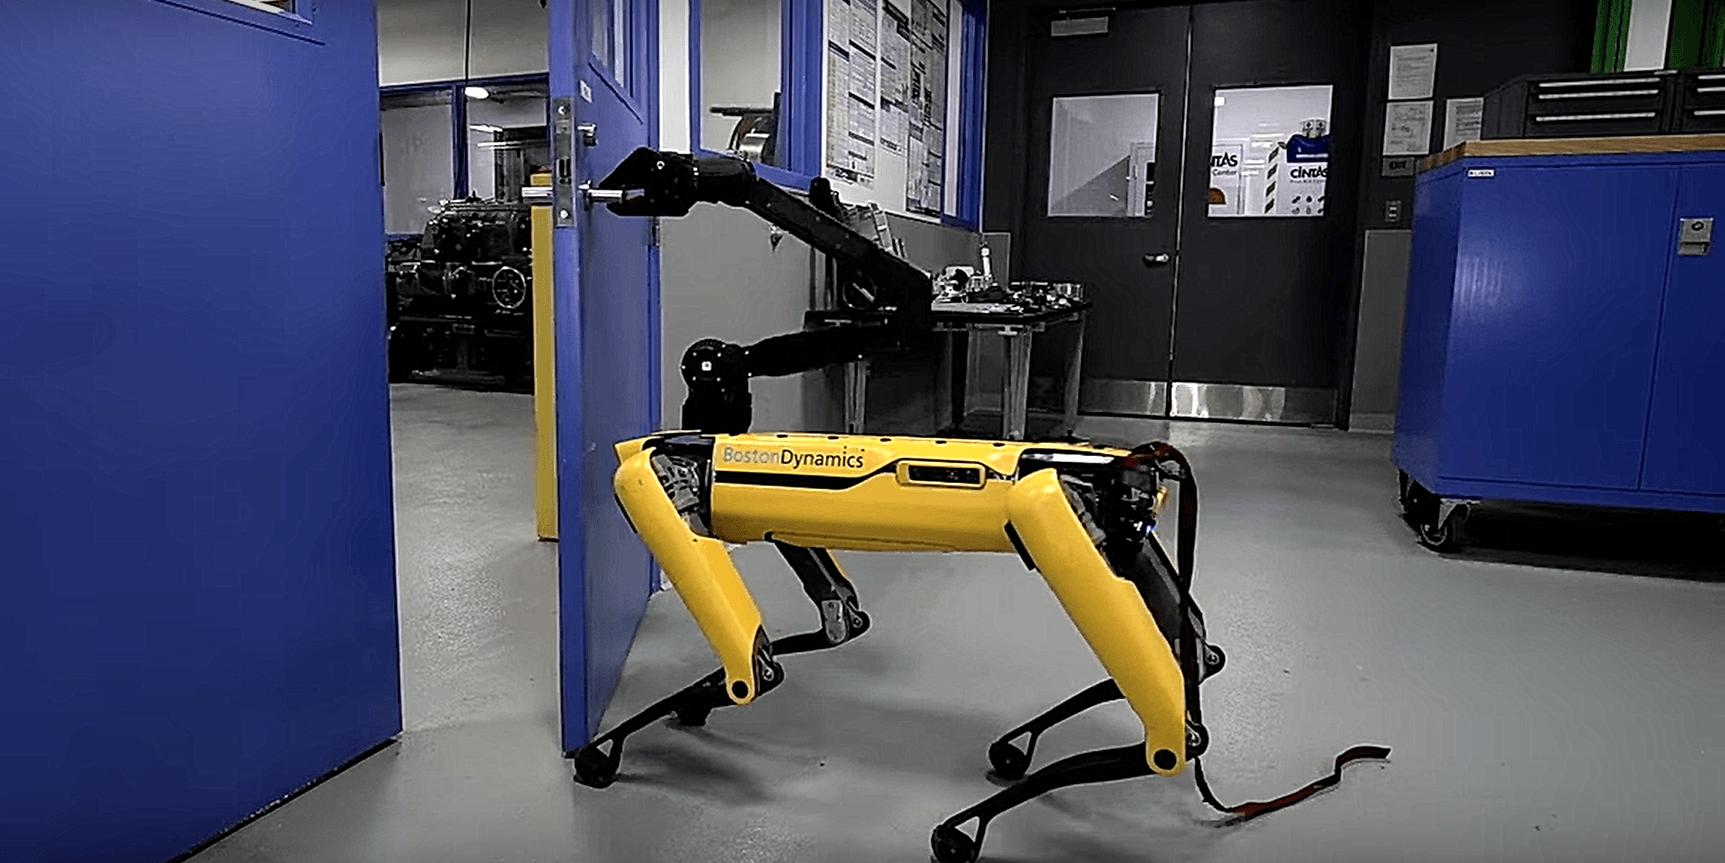 Tak się nie powinno traktować psów-robotów. W Boston Dynamics powinni mieć do nich więcej szacunku 18